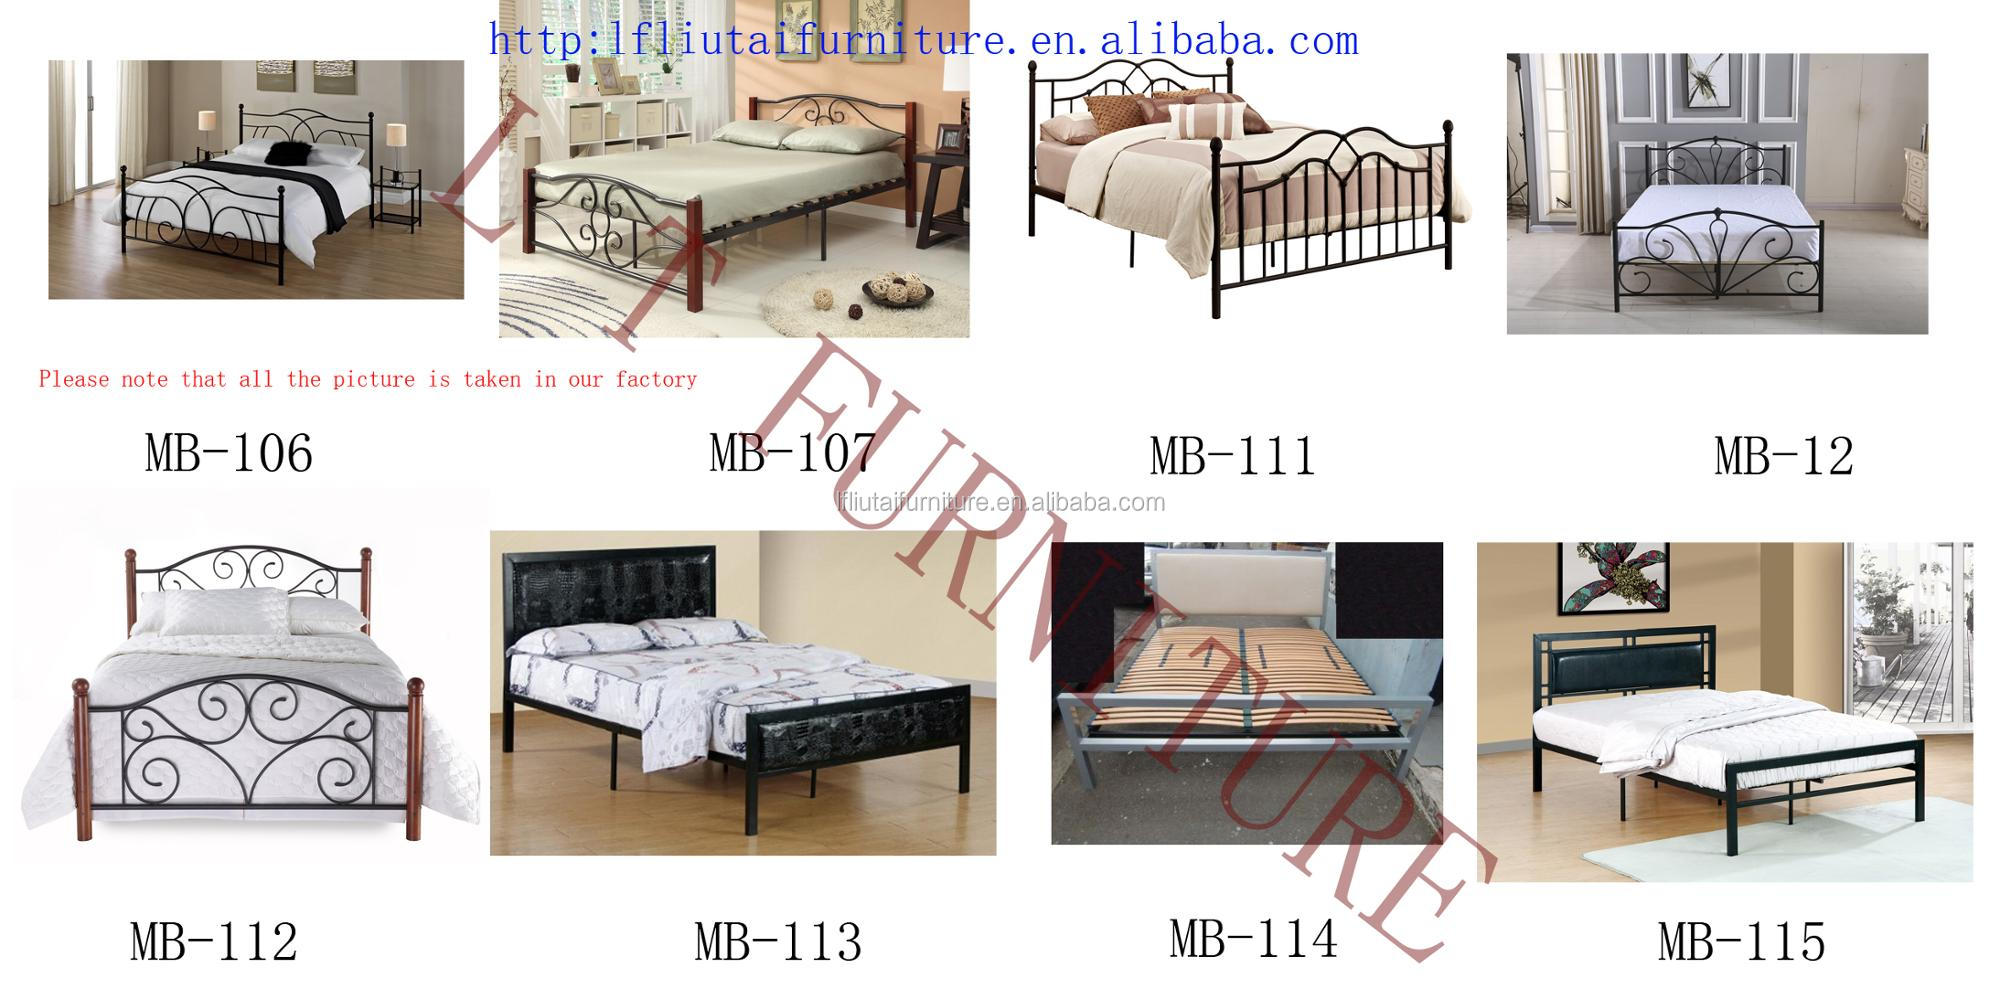 Mooie Slaapkamer Voor Kinderen.Mooi En Lief Amerikaanse Meisje Kinderen Slaapkamer De Kleine